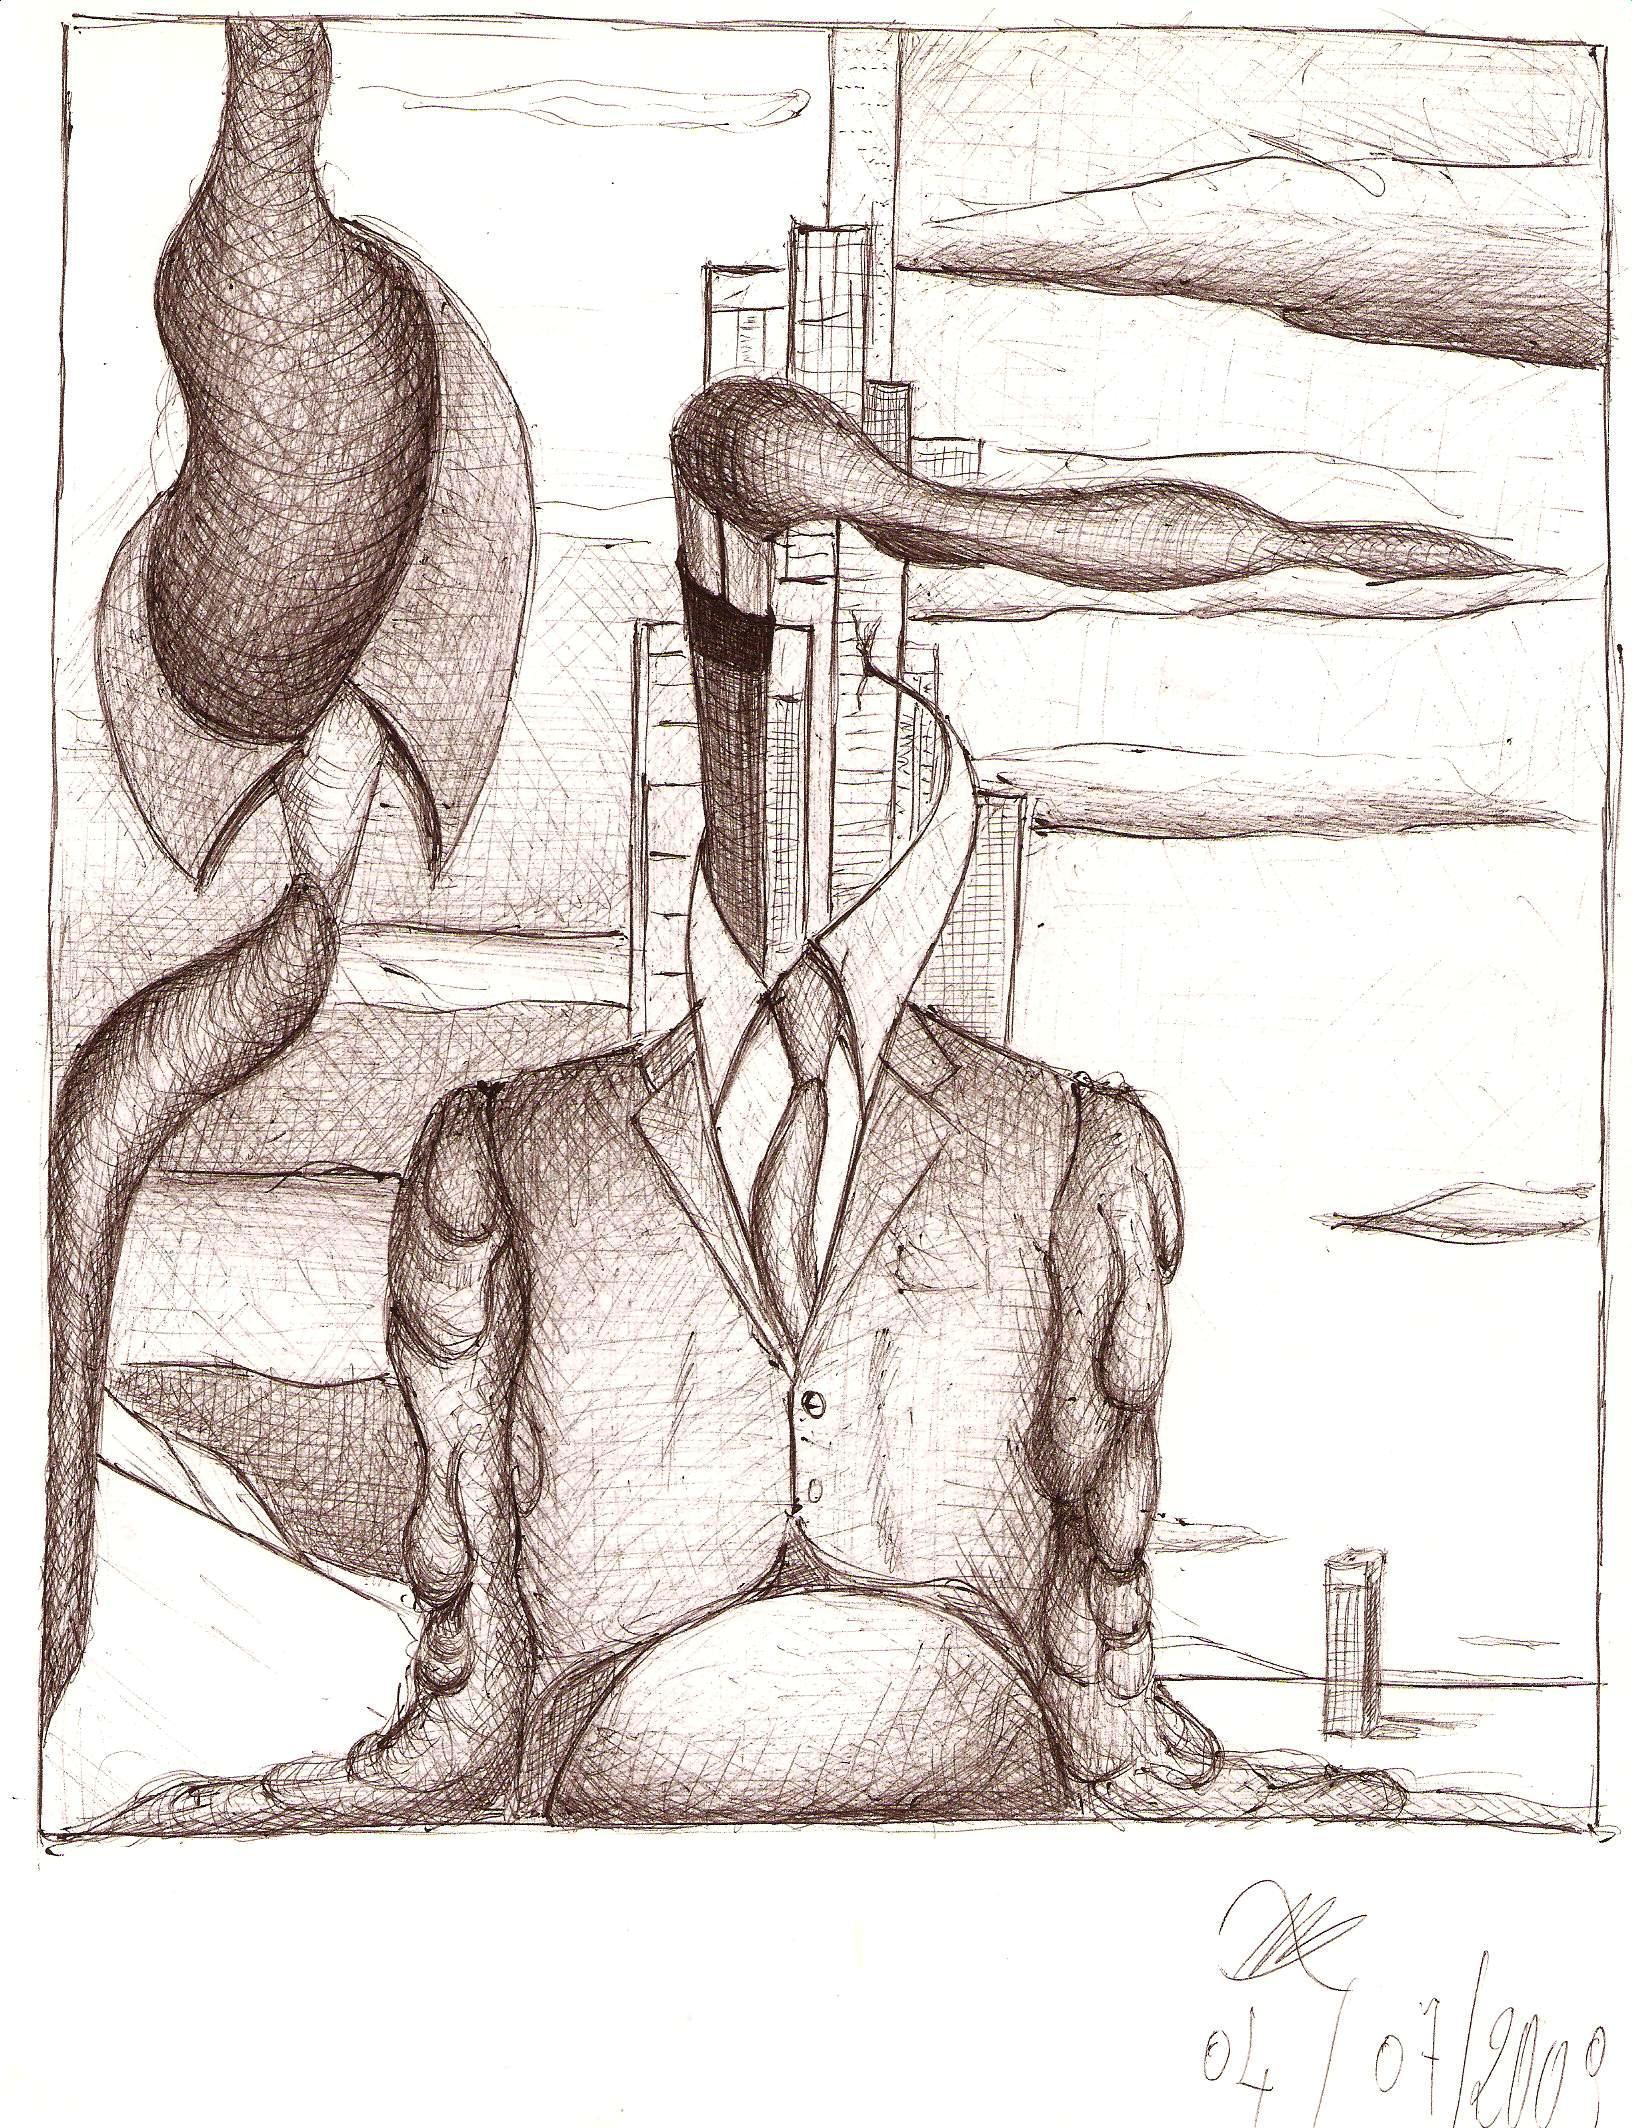 Disegno a penna, Mezzobusto di un rappresentante, 2010, Pasquale Mastrogiacomo, Acerno(SA).